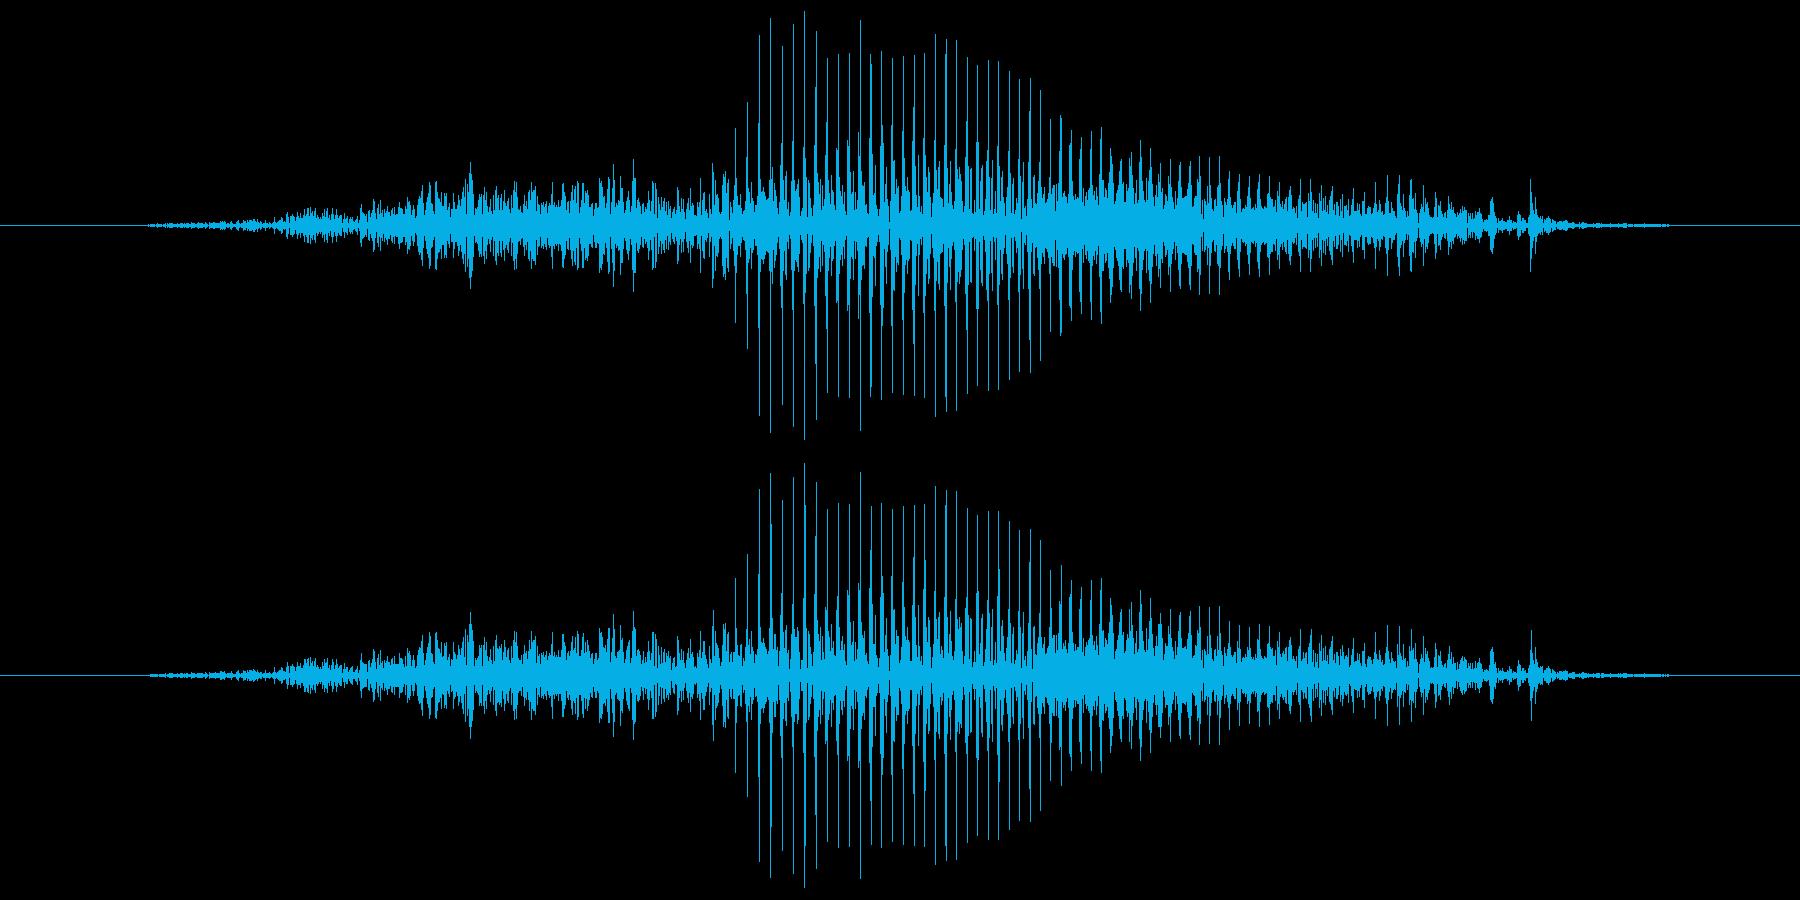 はい!(子供)【返事、掛け声、合図など】の再生済みの波形